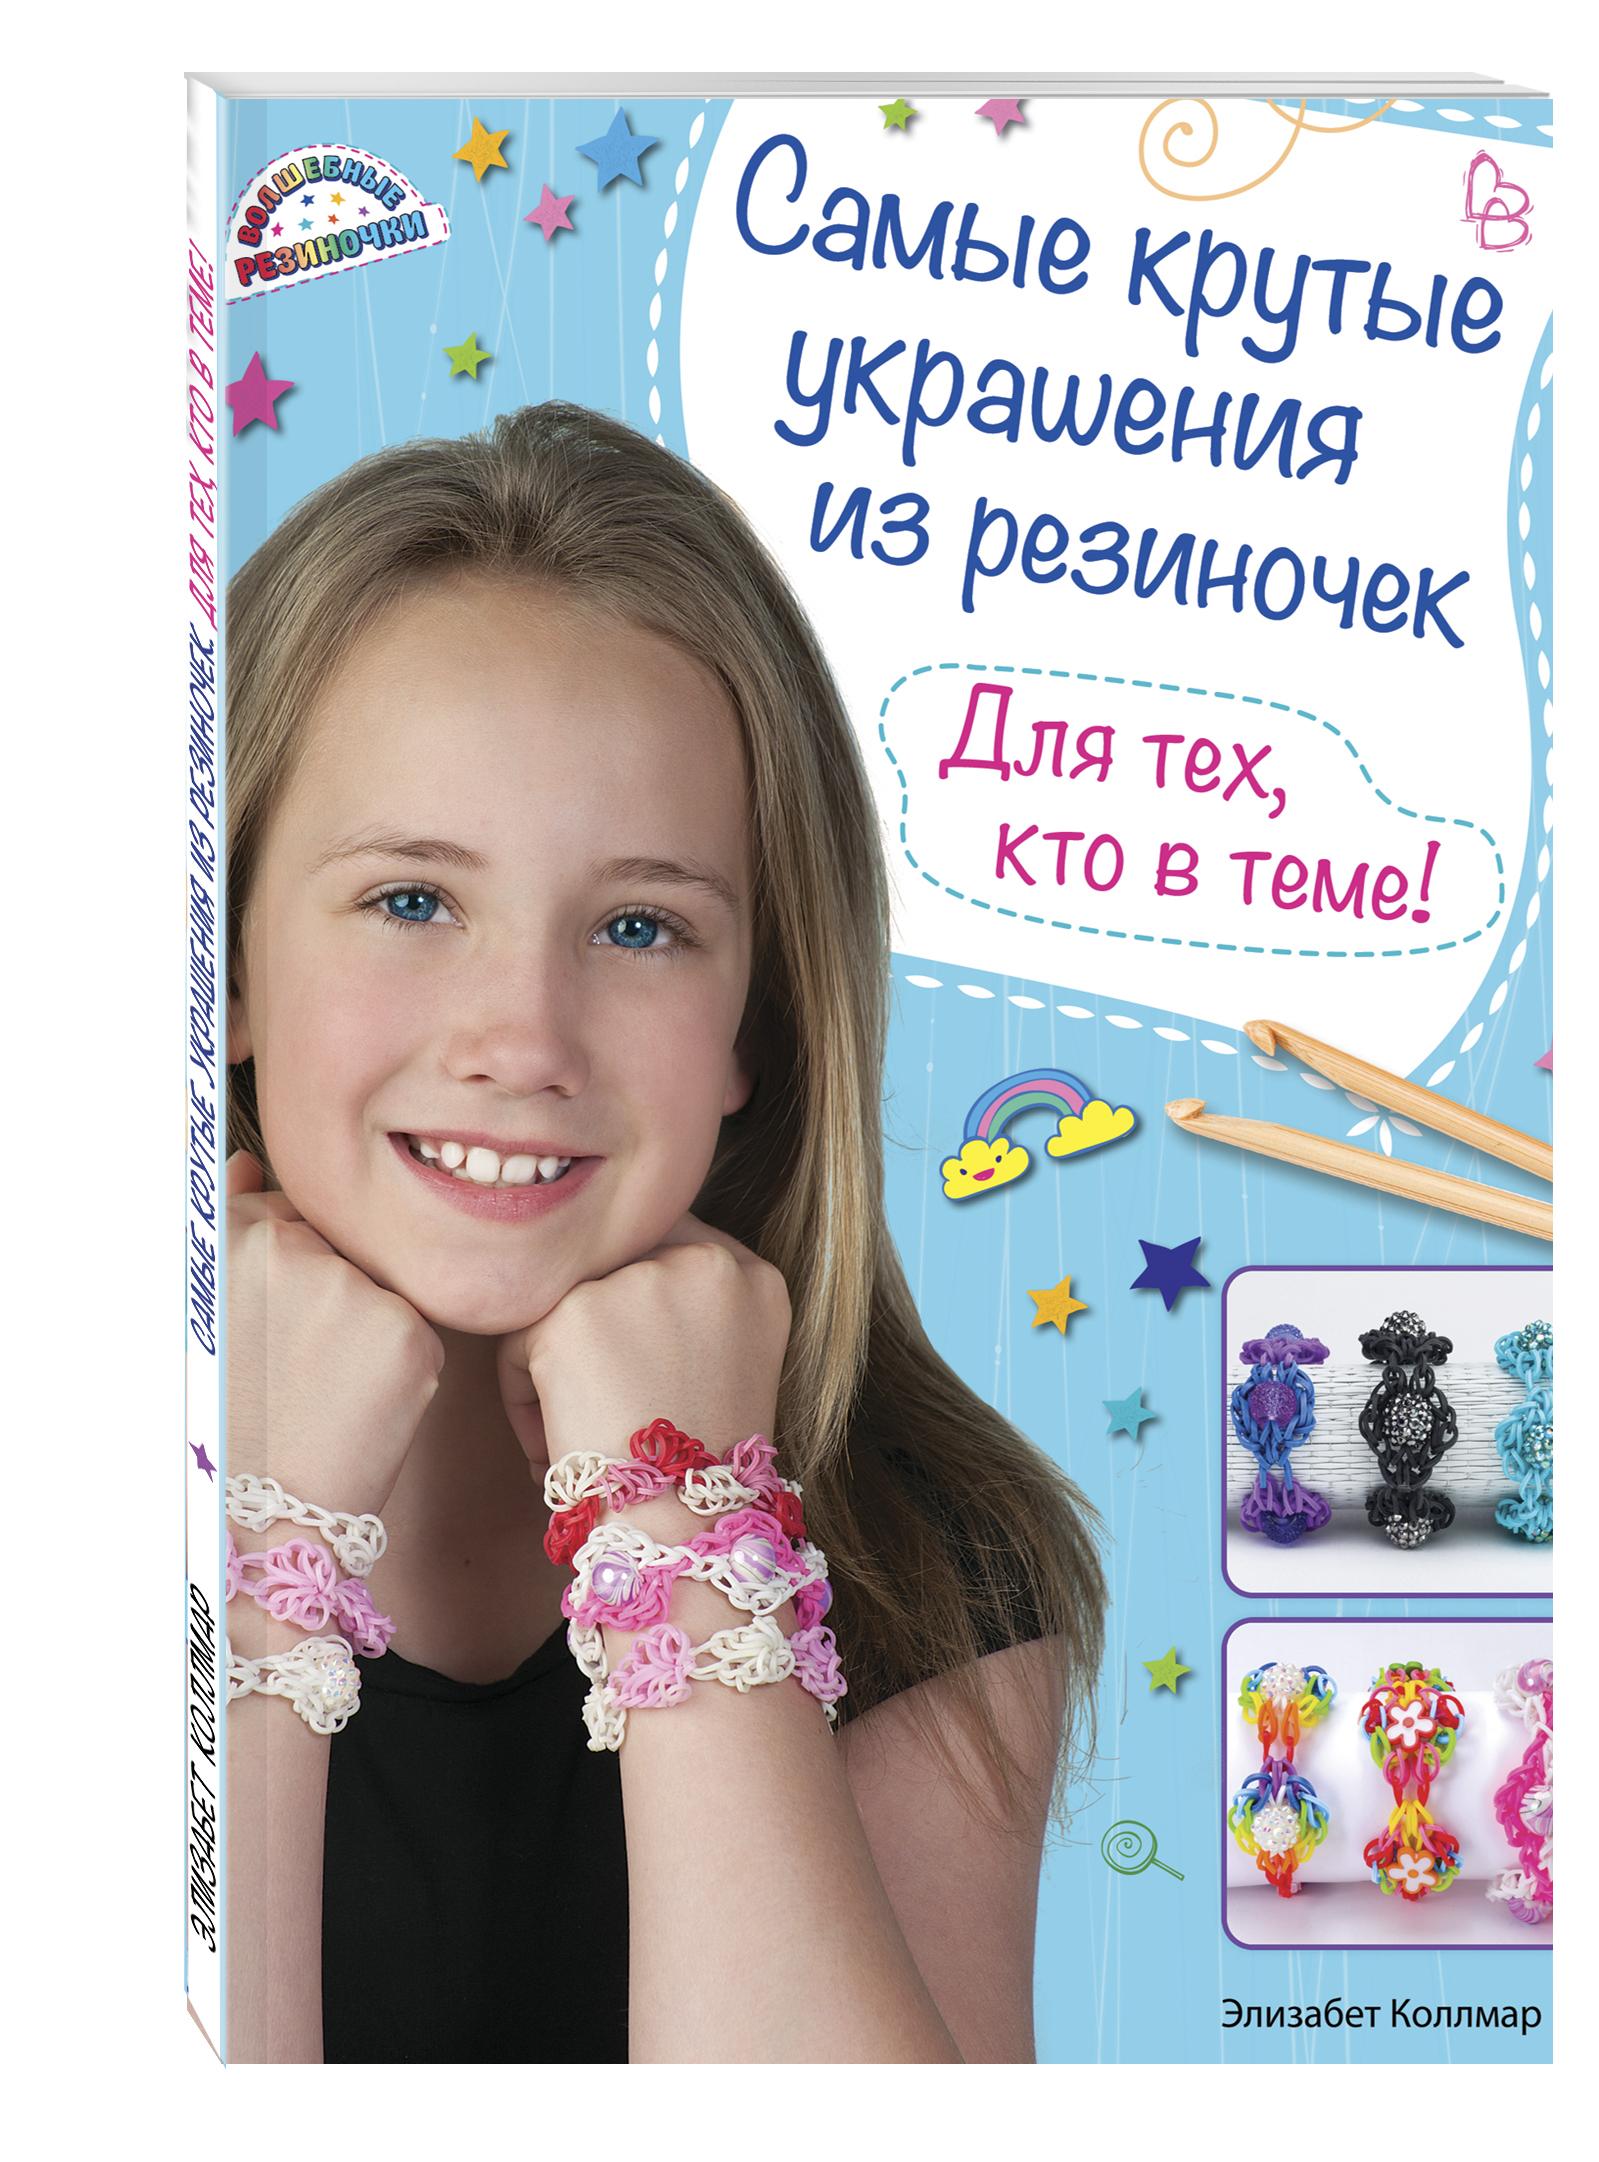 Расина Екатерина Геннадьевна Самые крутые украшения из резиночек. Для тех, кто в теме! (книга + упаковка с резиночками) кэт робертс плетем из резиночек 60 супер идей